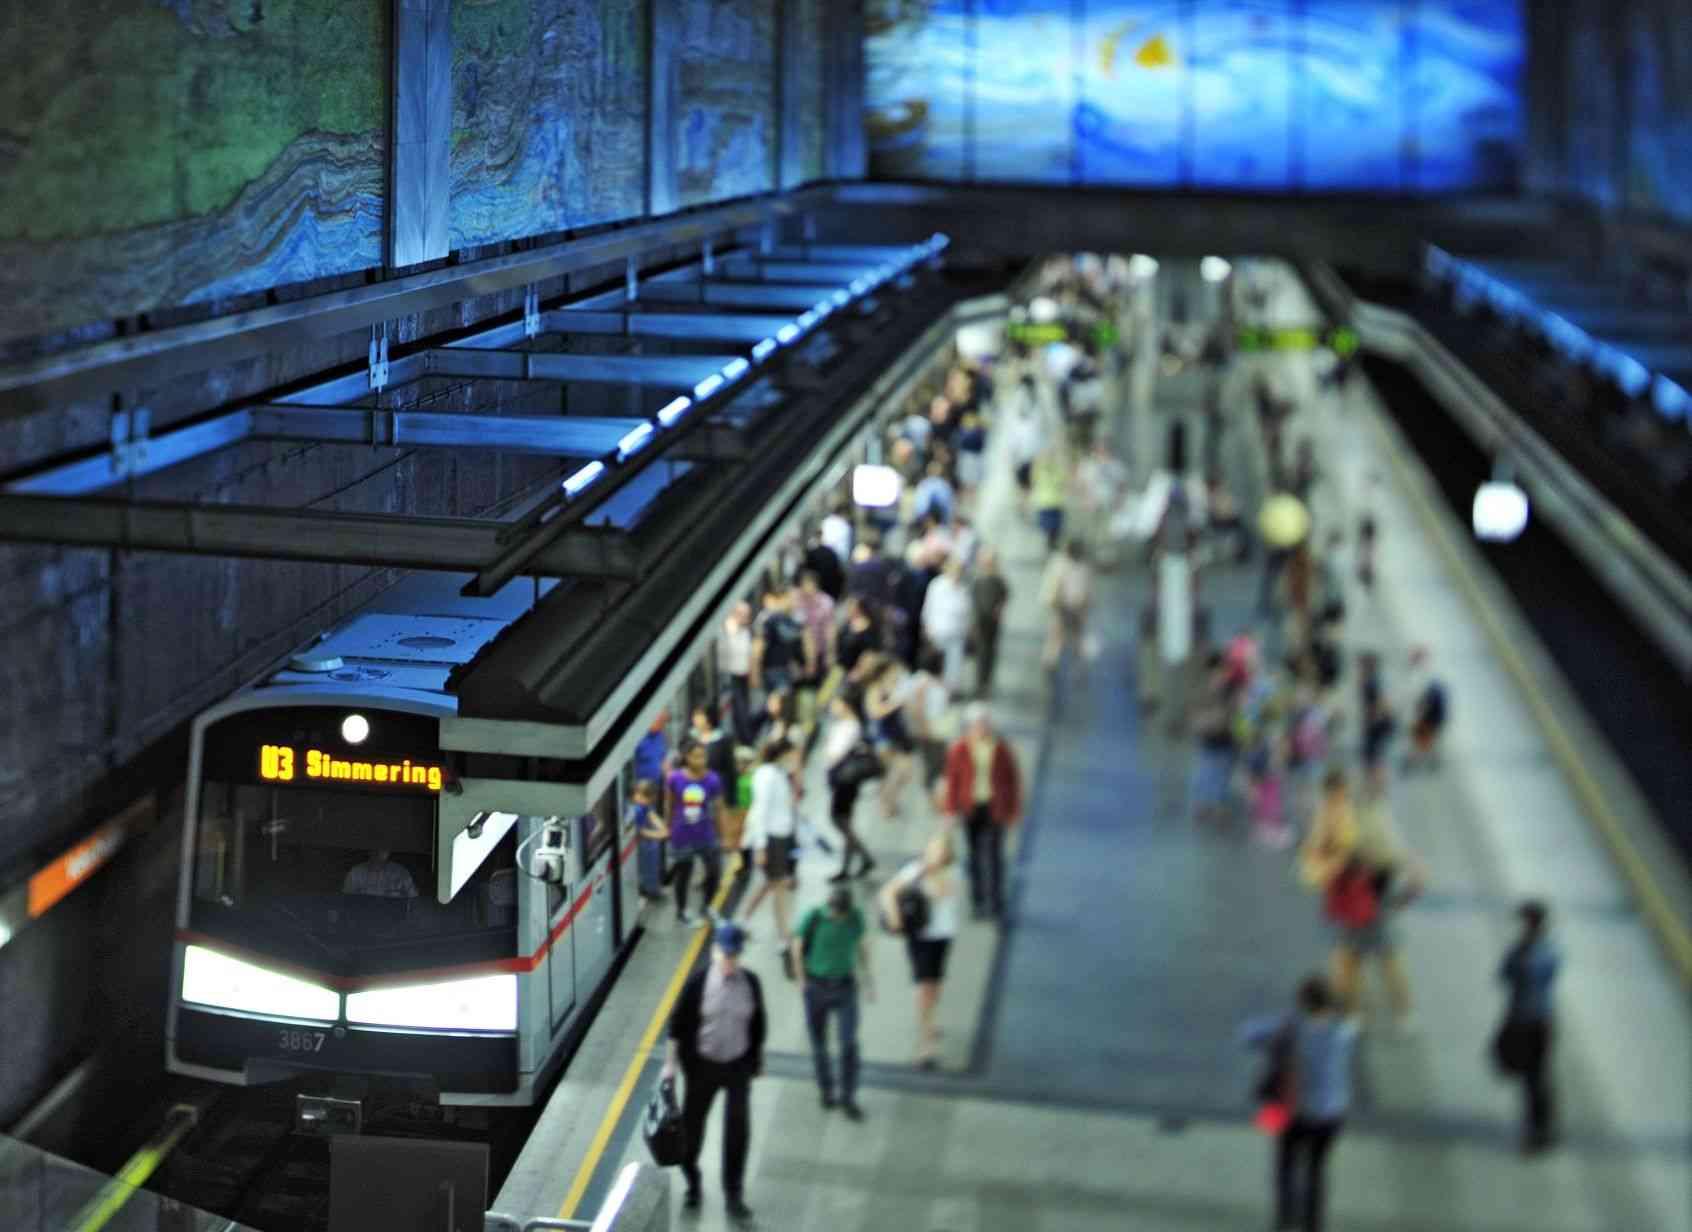 In der Station Volkstheater wurde das erste U-Bahn-Kunstwerk in Wien 1991 von Anton Lehmden gestaltet.